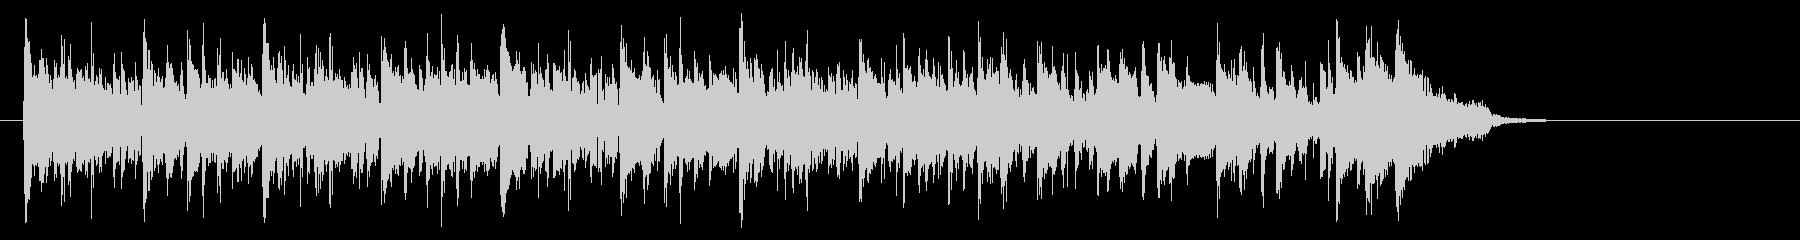 メロウなフュージョン(サビ~イントロ)の未再生の波形